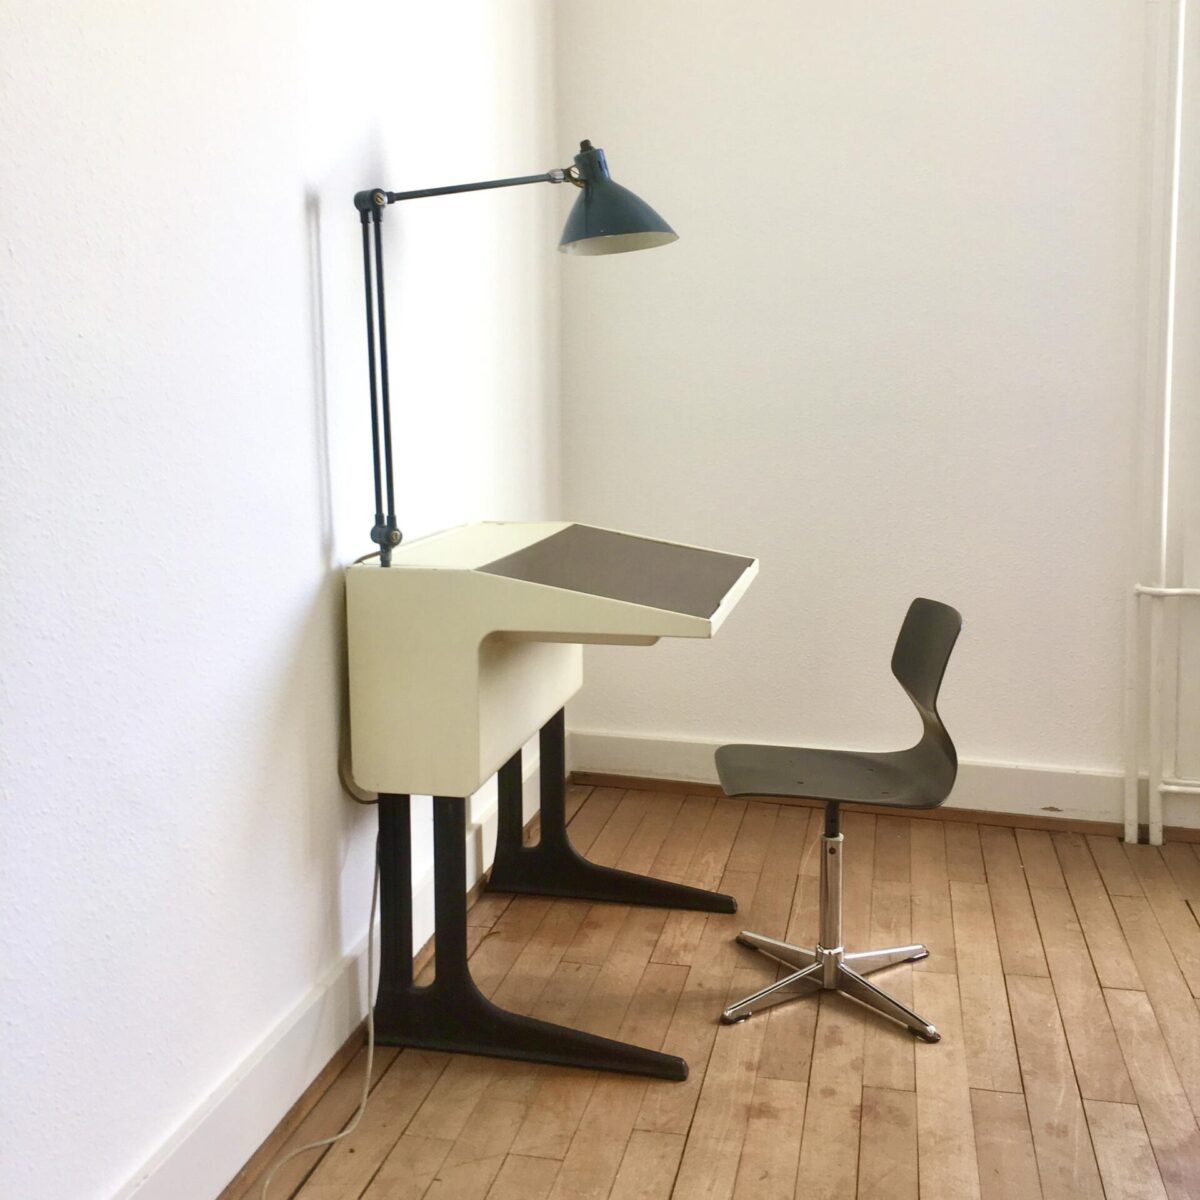 Schreibtisch von Luigi Colani für Flötotto. Dieser Kinder Schreibtisch und Stuhl sind höhenverstellbar und wachsen somit mit dem Kind mit. Tischfläche kann in zwei Positionen gestellt werden. Der hintere Teil kann als Stauraum genutzt werden, mit einer abschliessbaren Klappe. Die Originale Lampe ist nicht mehr vorhanden.